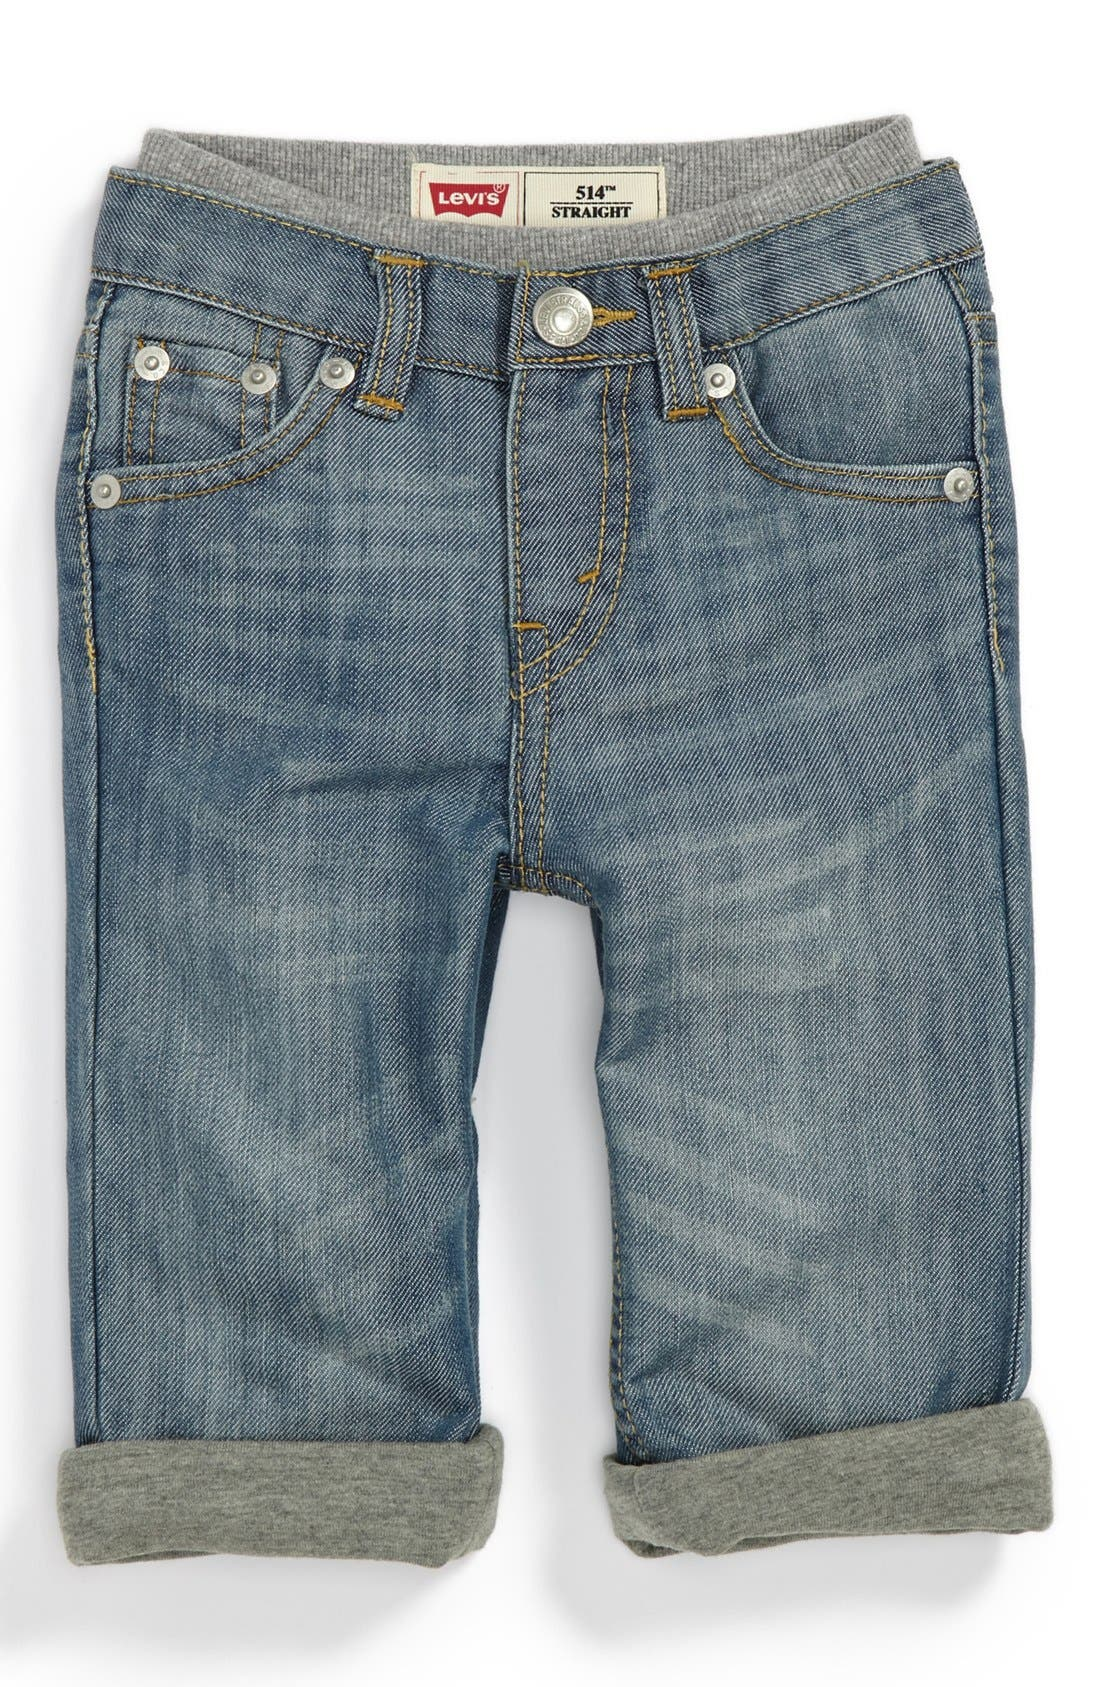 Alternate Image 2  - Levi's '514™' Straight Leg Jeans (Toddler Boys)